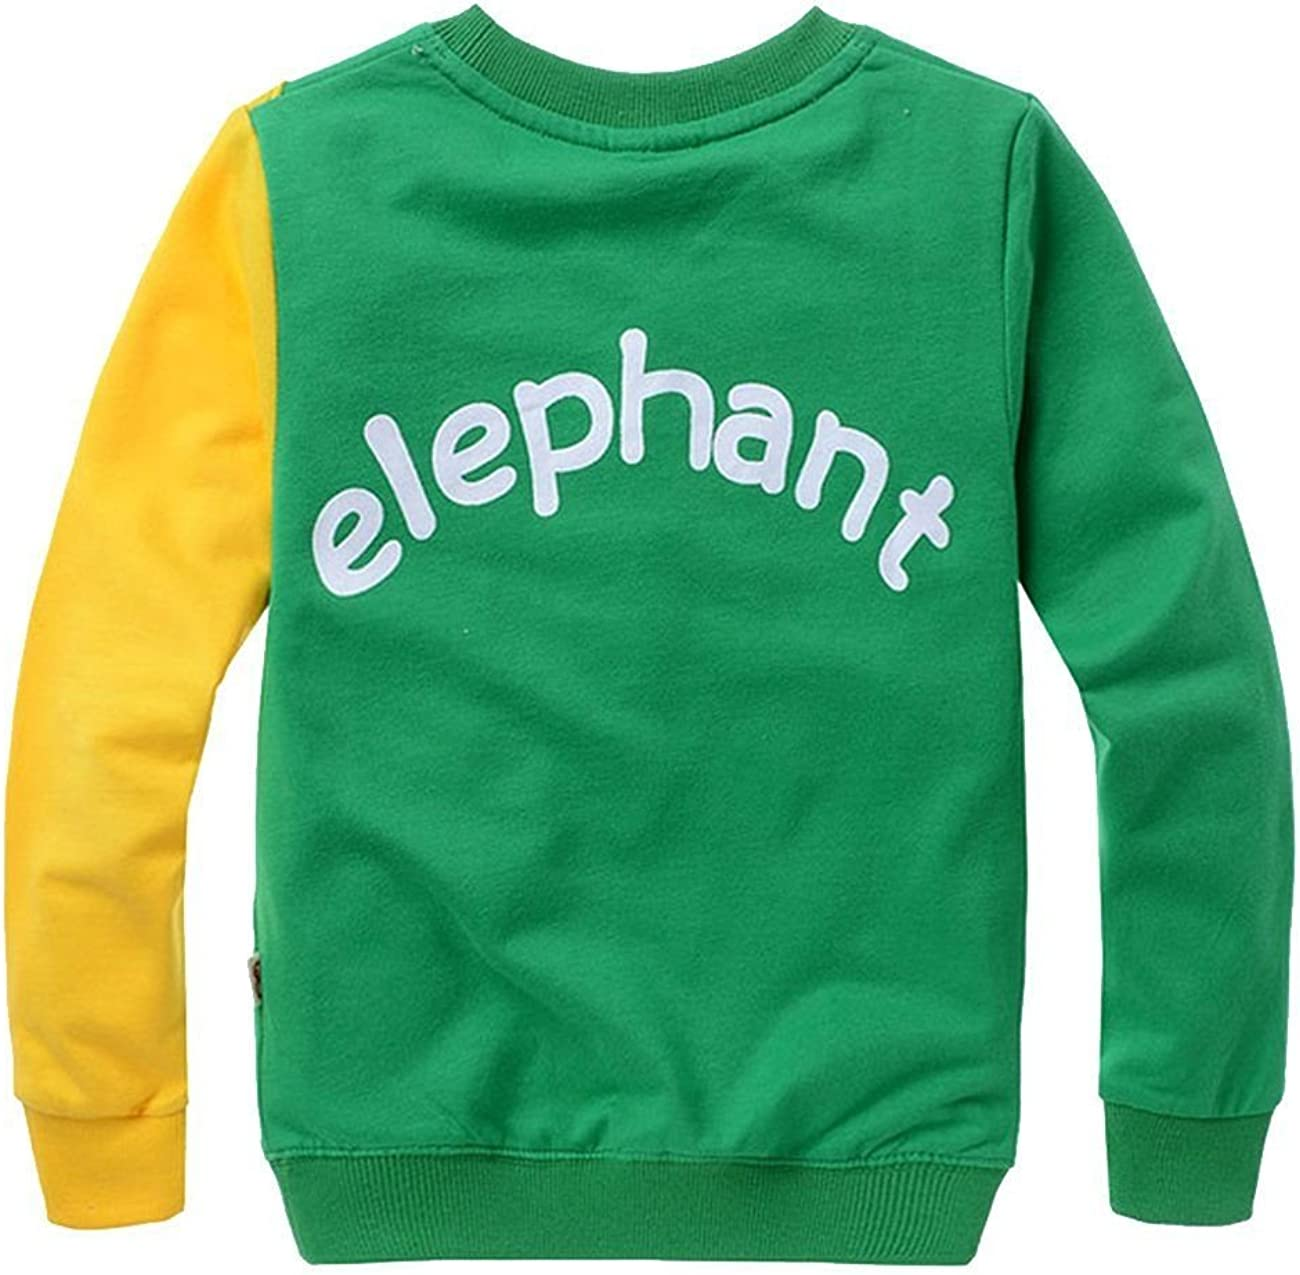 COCOM10 Ni/ños Puentes Elefante Su/éteres Con Capucha Su/éter Ropa Camisetas Casual Tops Cotton Tee Age 2 3 4 5 6 7